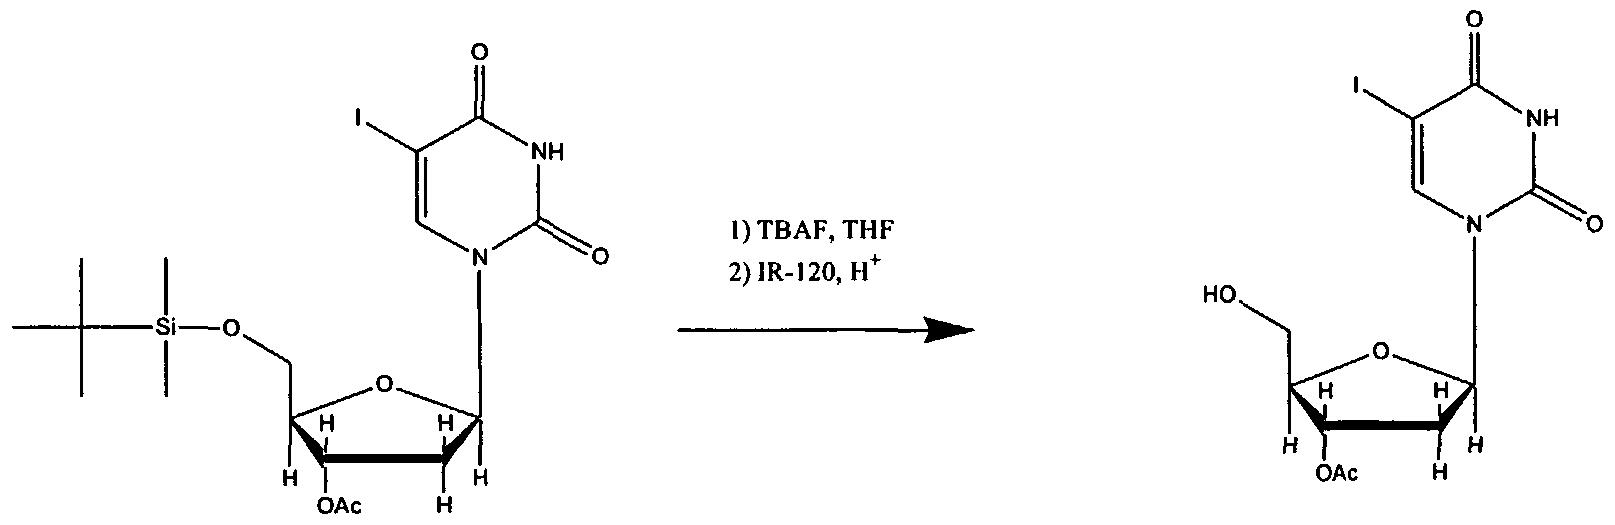 Figure imgf000207_0003